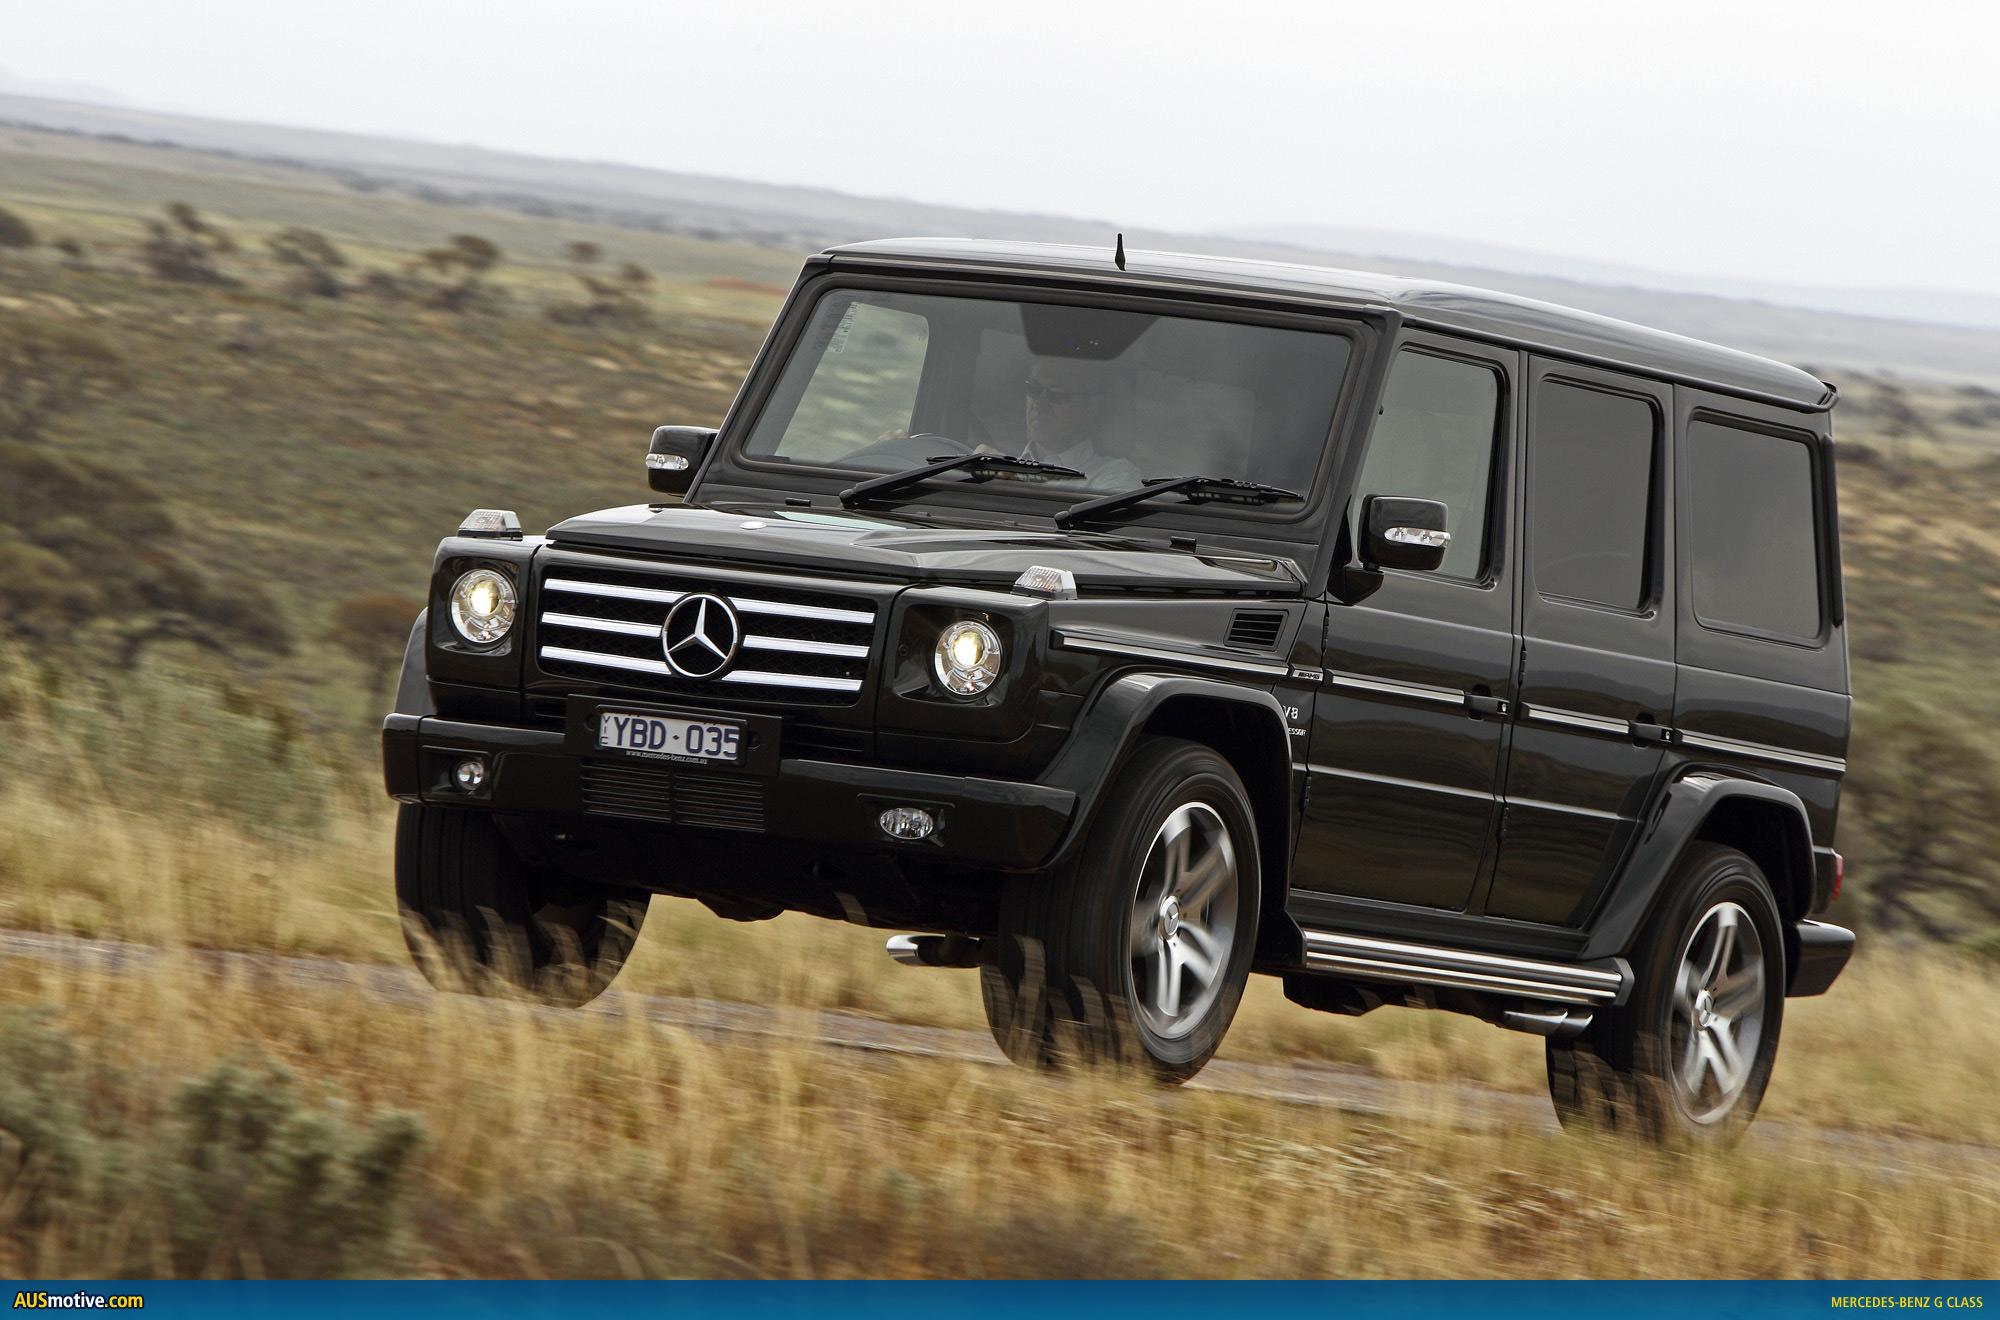 Mercedes benz g class australian pricing for Mercedes benz g class specs